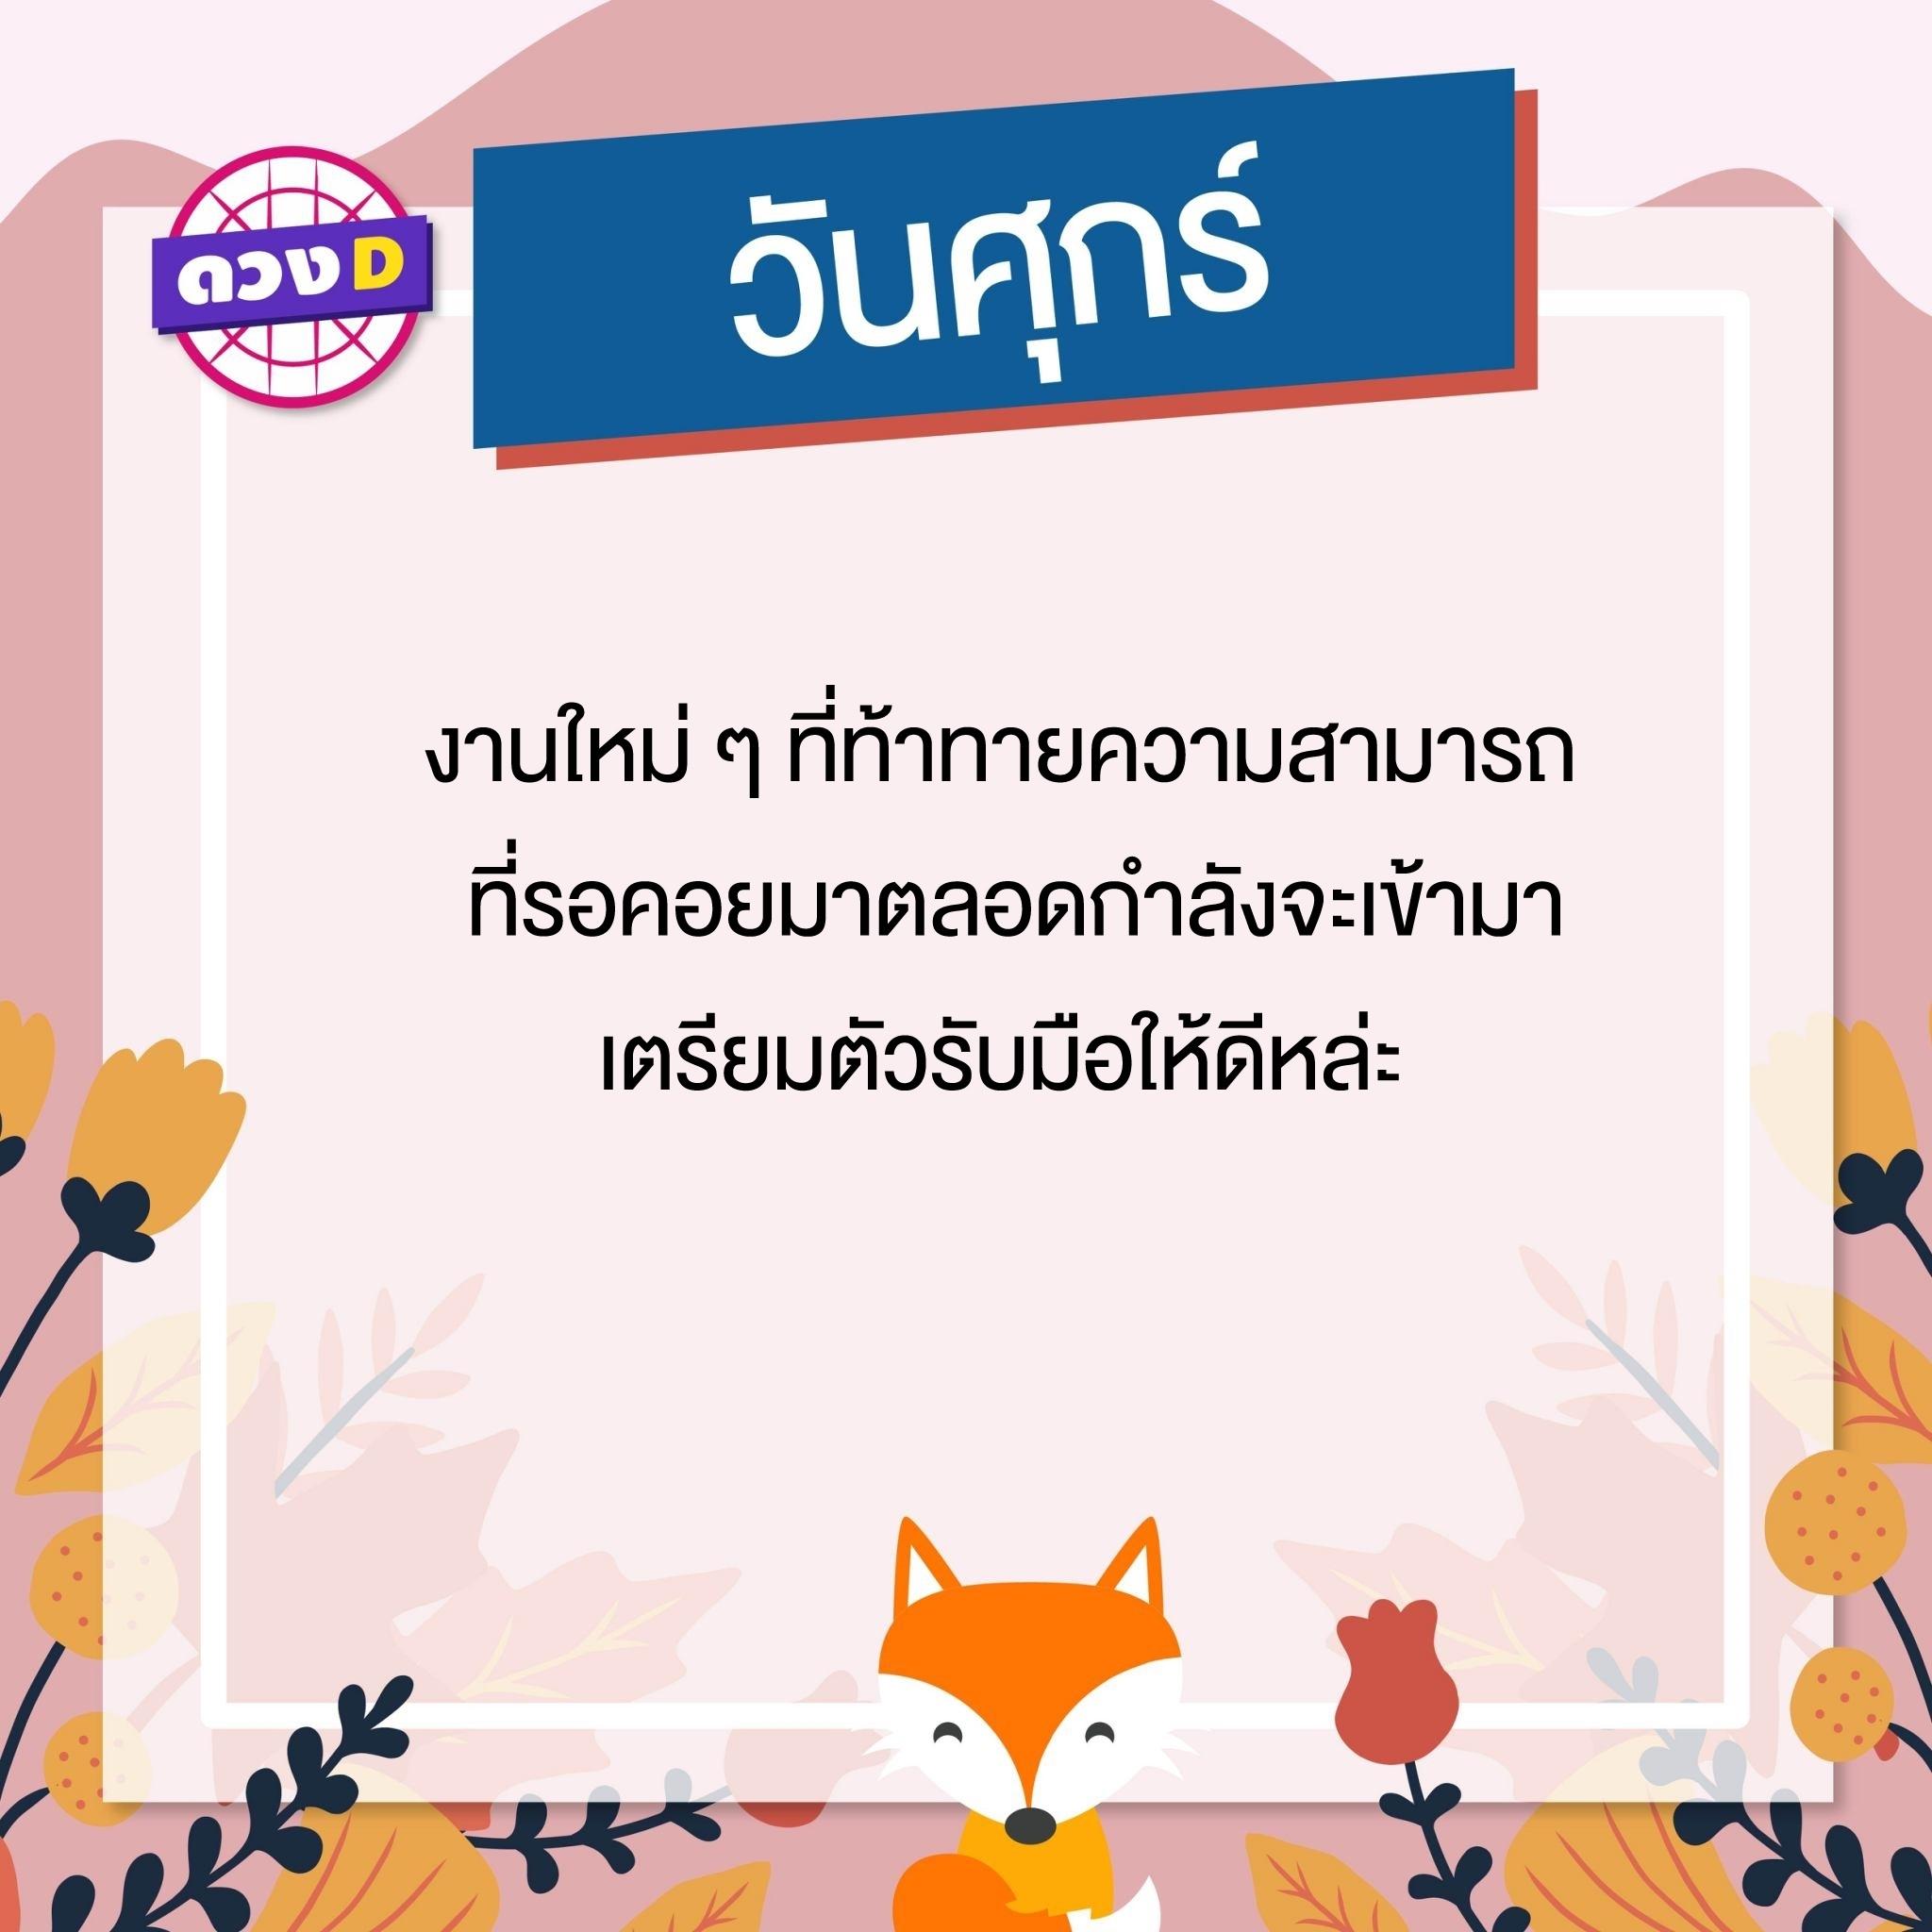 Miss2 (รูป 819/2447)